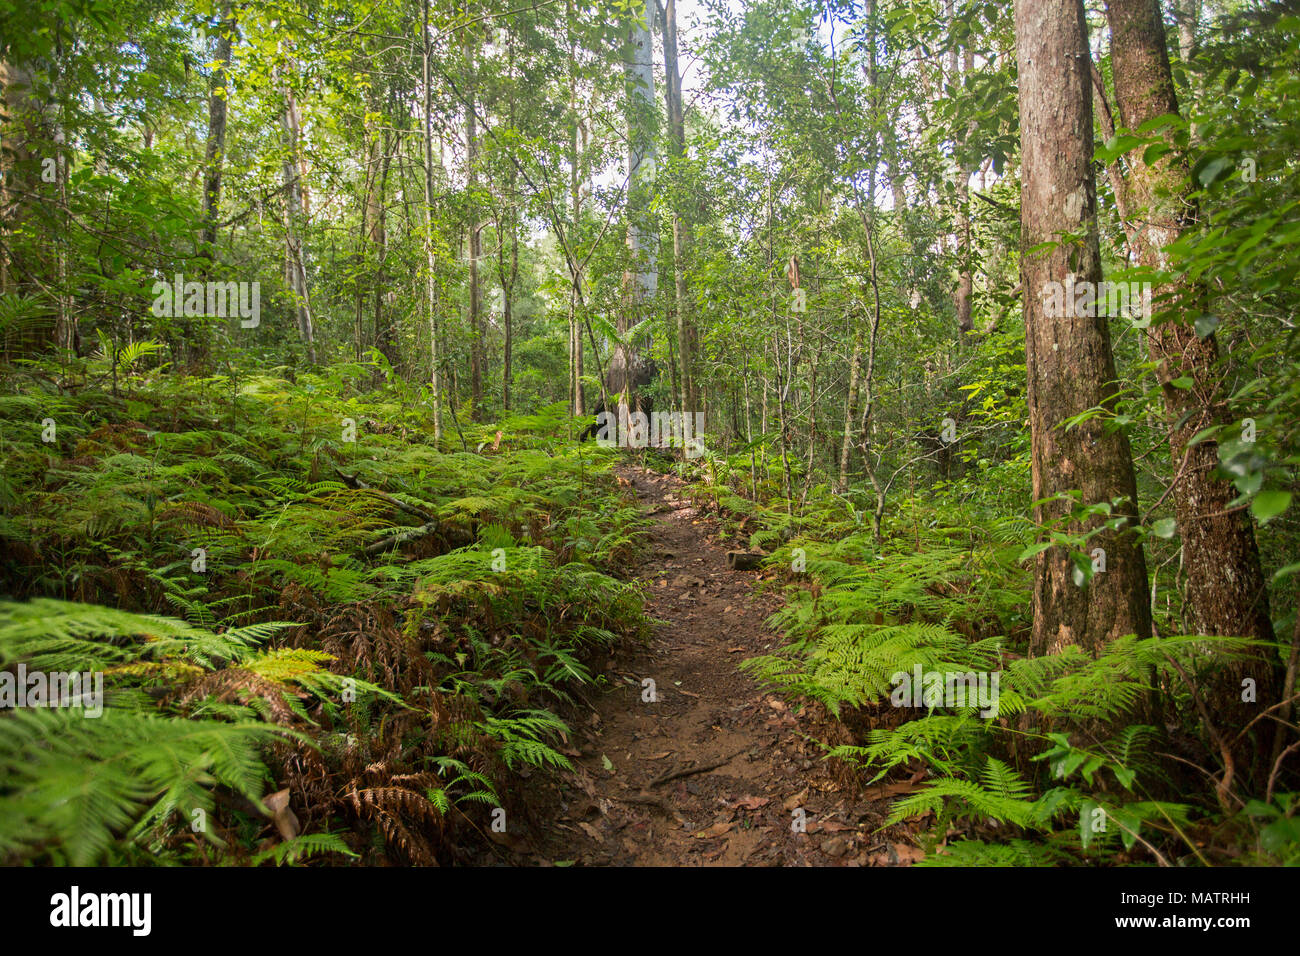 Dichten smaragdgrünen Wäldern mit Farnen und Adlerfarn durch schmale Wanderweg in Conondale Ranges National Park Queensland Australien durchtrennt Stockbild